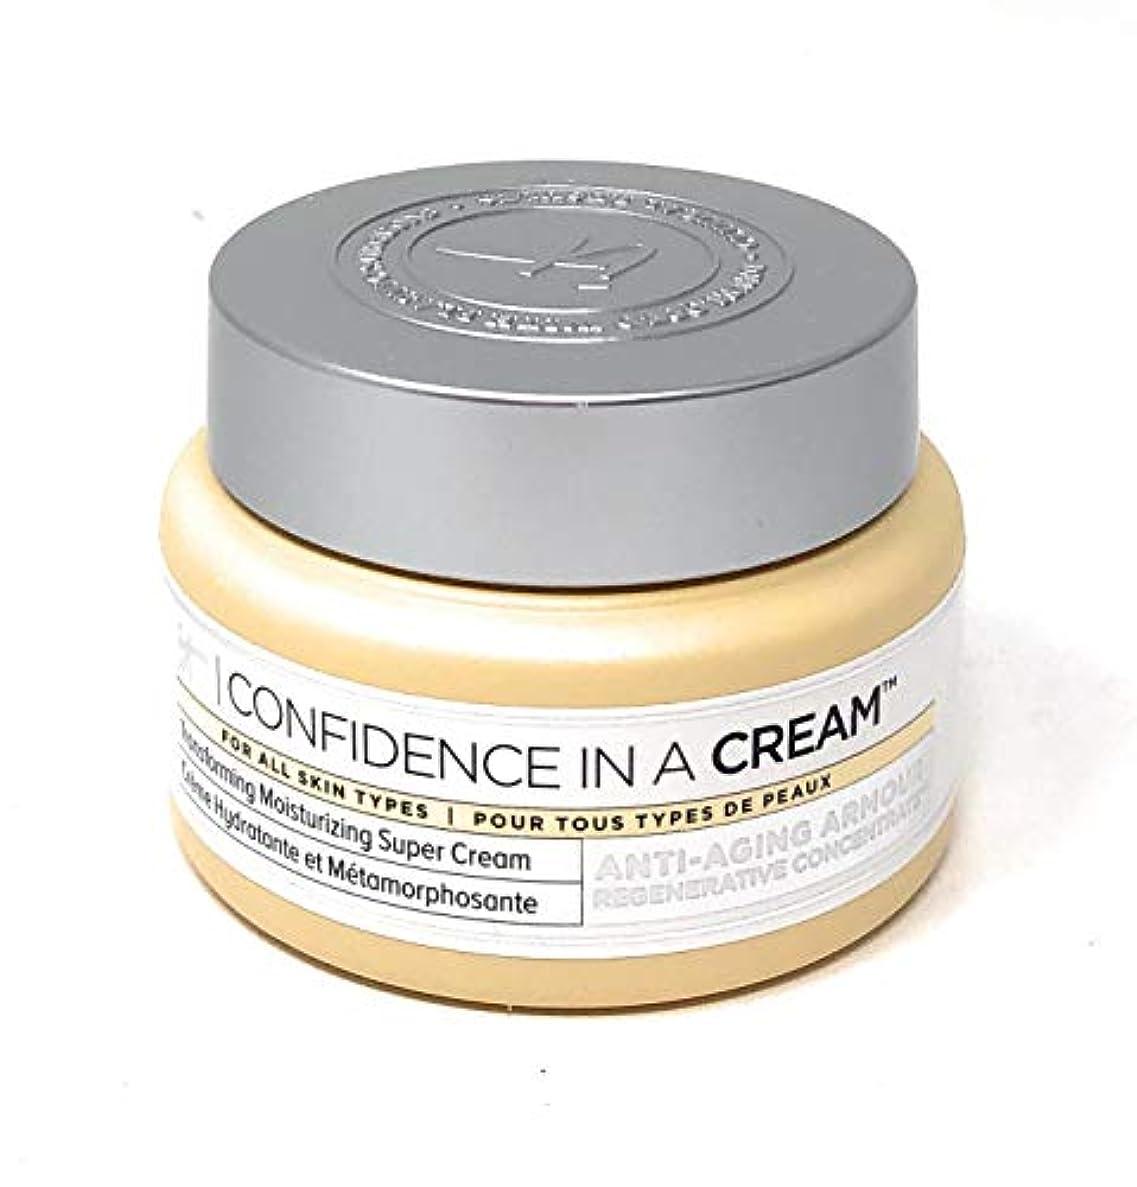 ミリメーター用量運営It Cosmetics Confidence in a Cream Moisturizer 2 Ouncesクリームモイスチャライザー